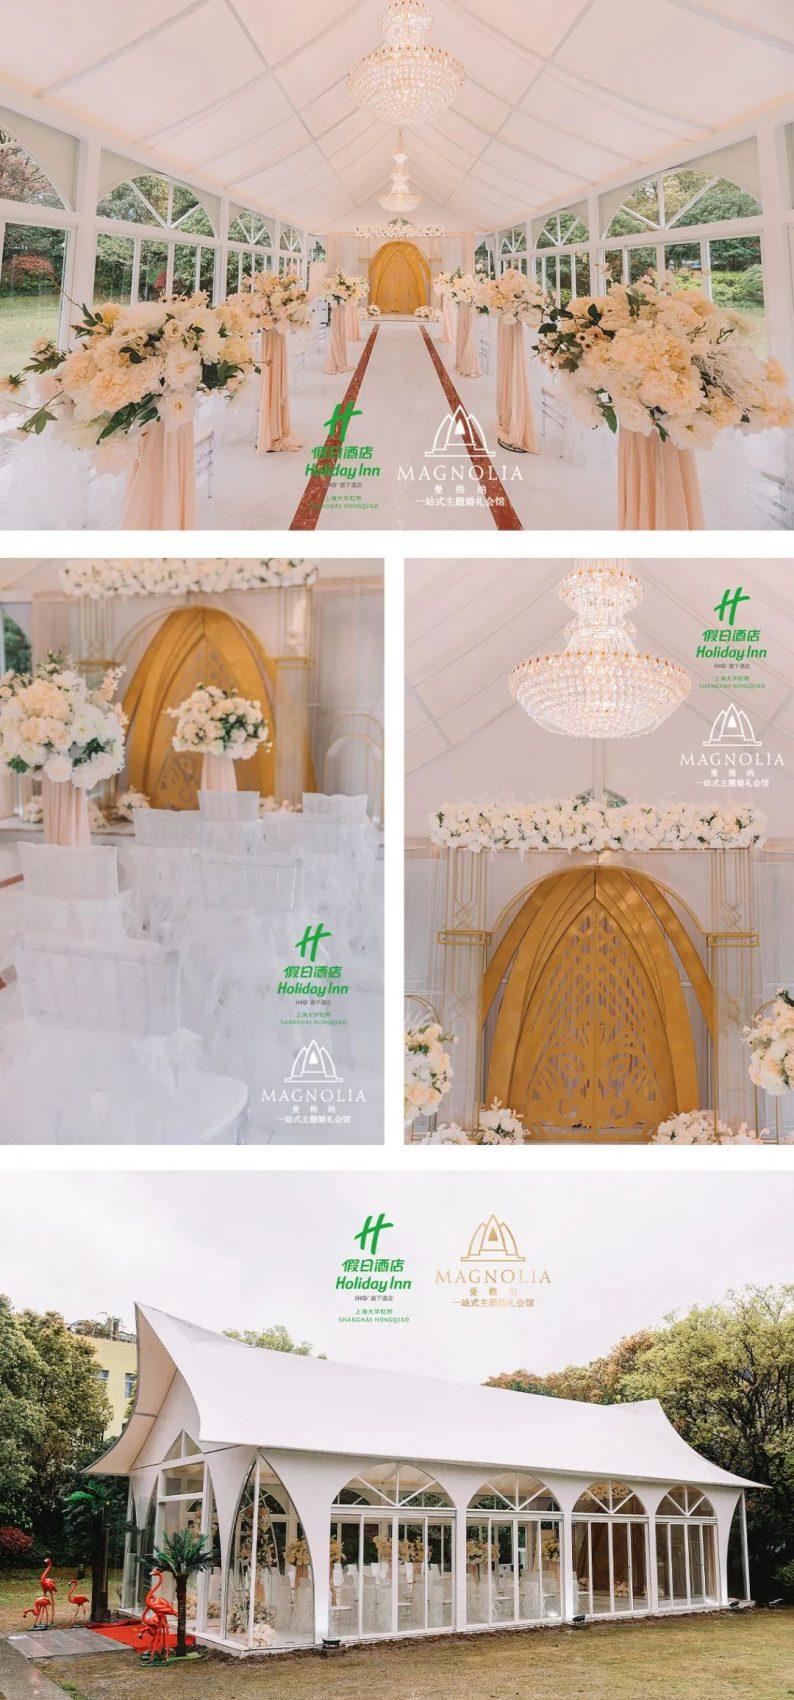 婚礼堂发布: 沪上爆款仪式堂婚礼场地!  第19张